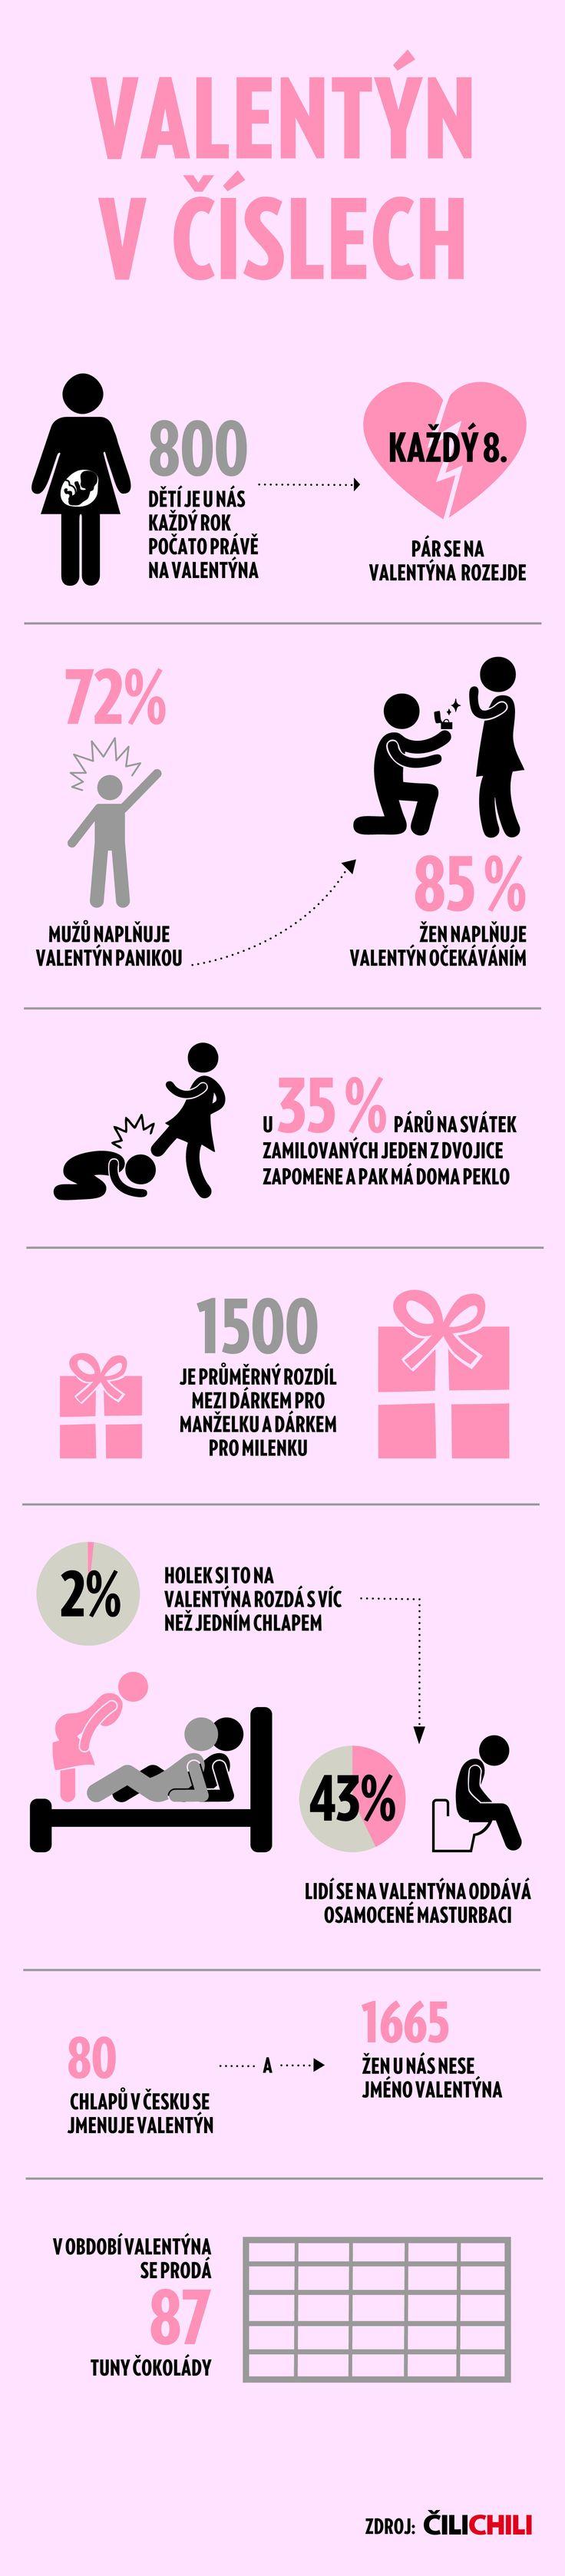 Blíží se svátek svatého Valentýna. A všechno, co by vás o něm mohlo zajímat, ví Čilichili a jejich infografika.